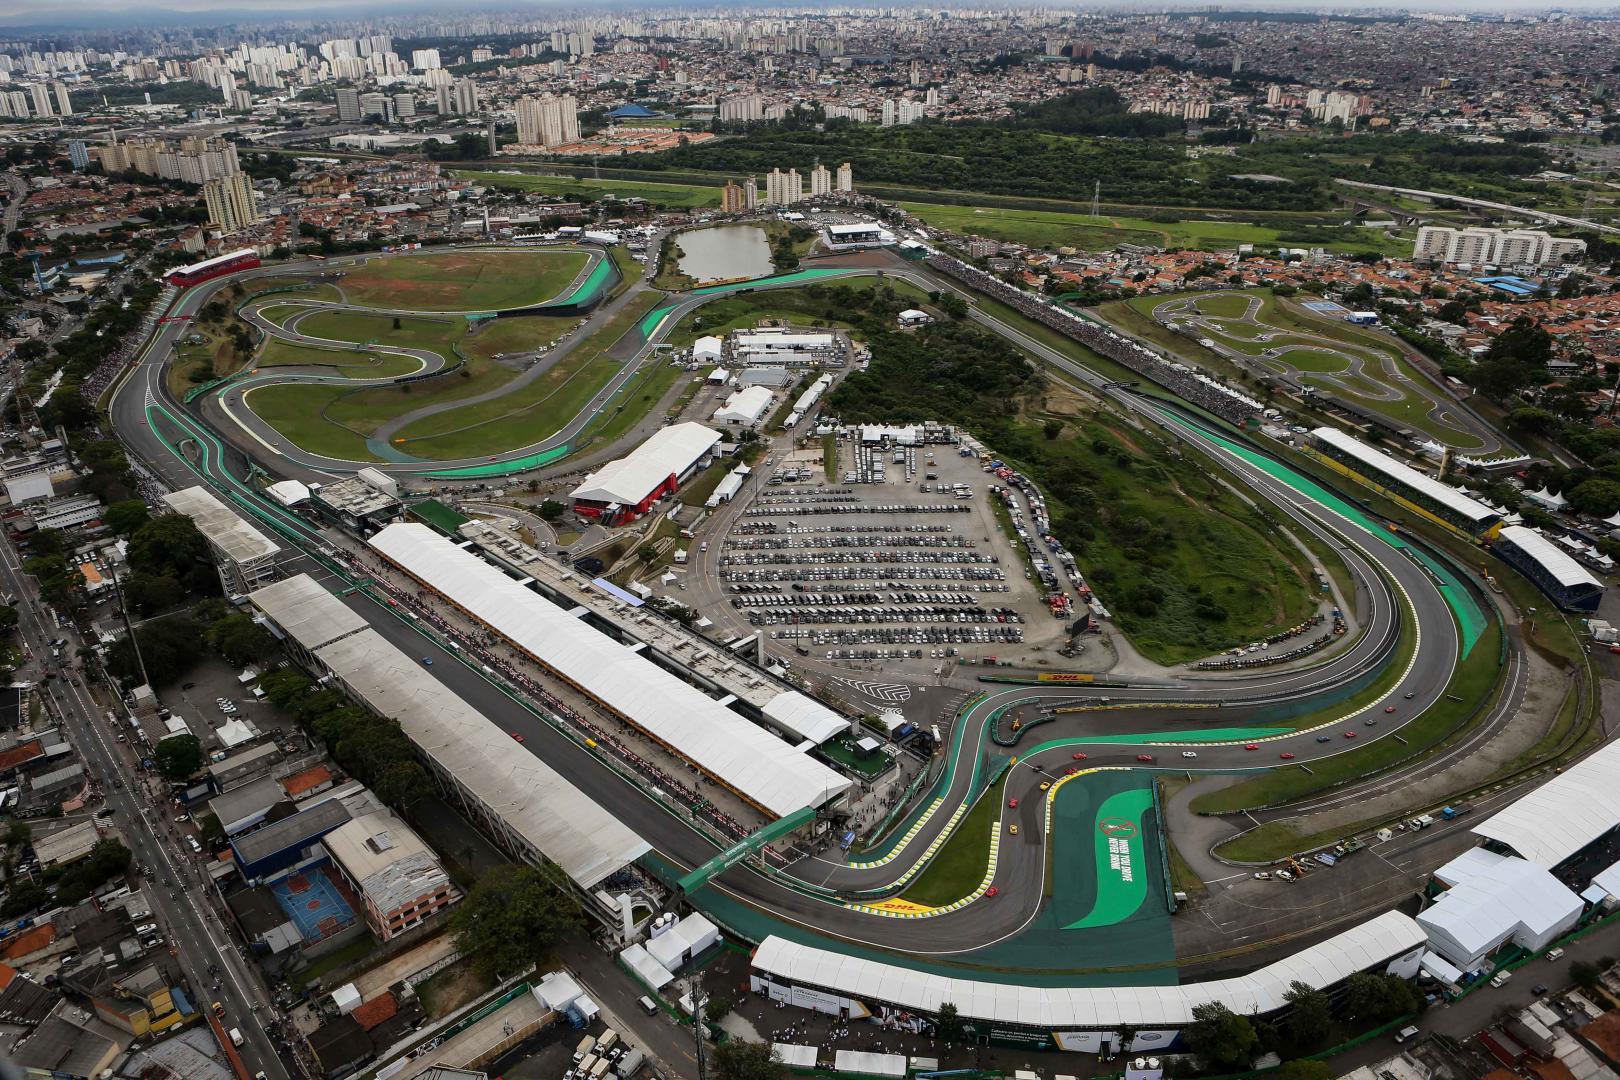 Uitslag van de GP van Brazilië 2017